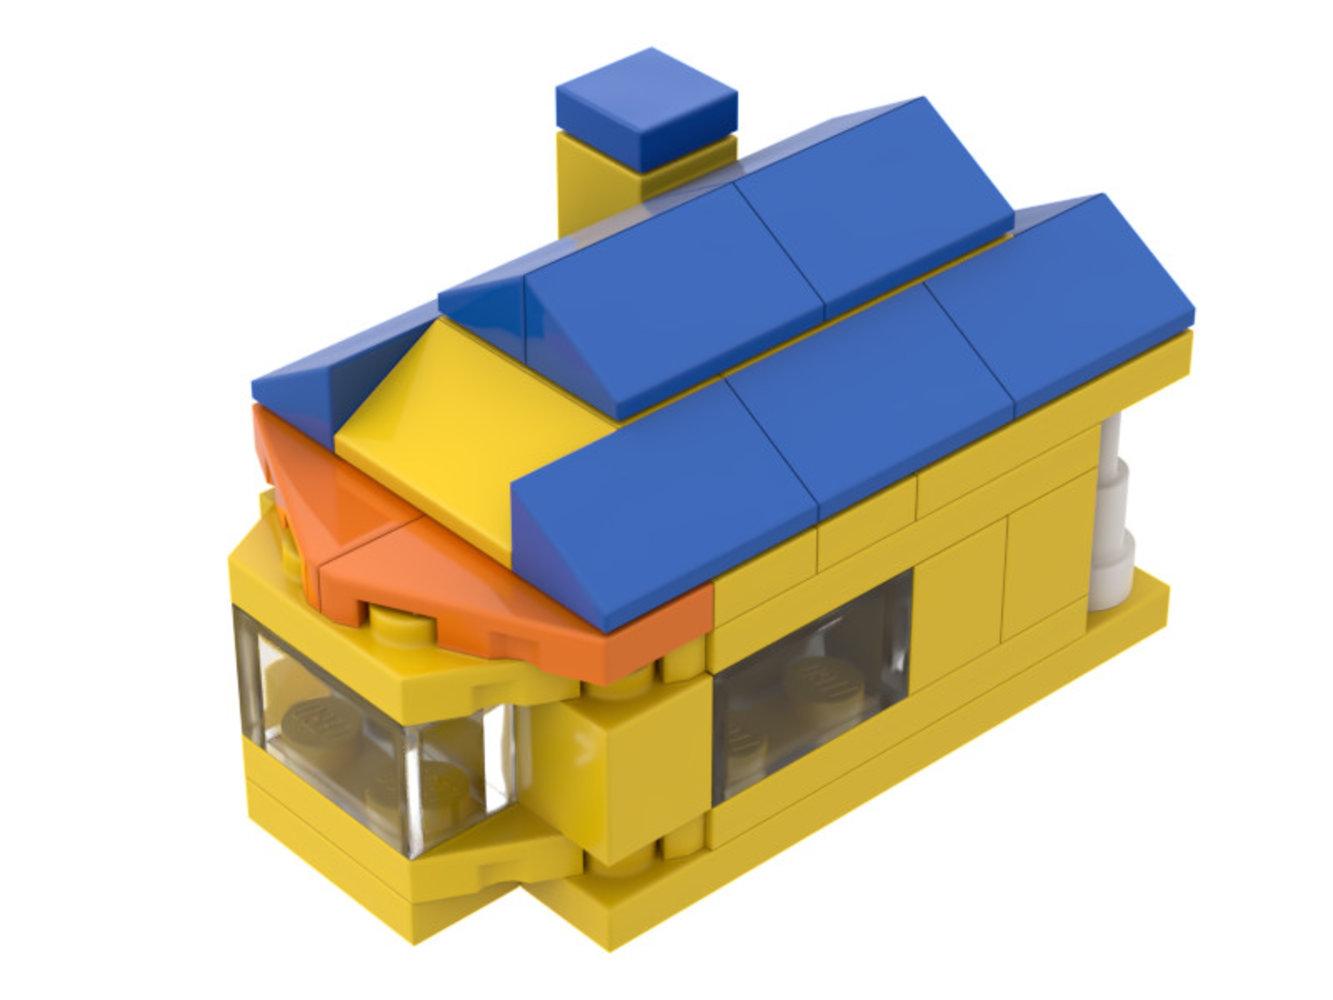 Emmet's House